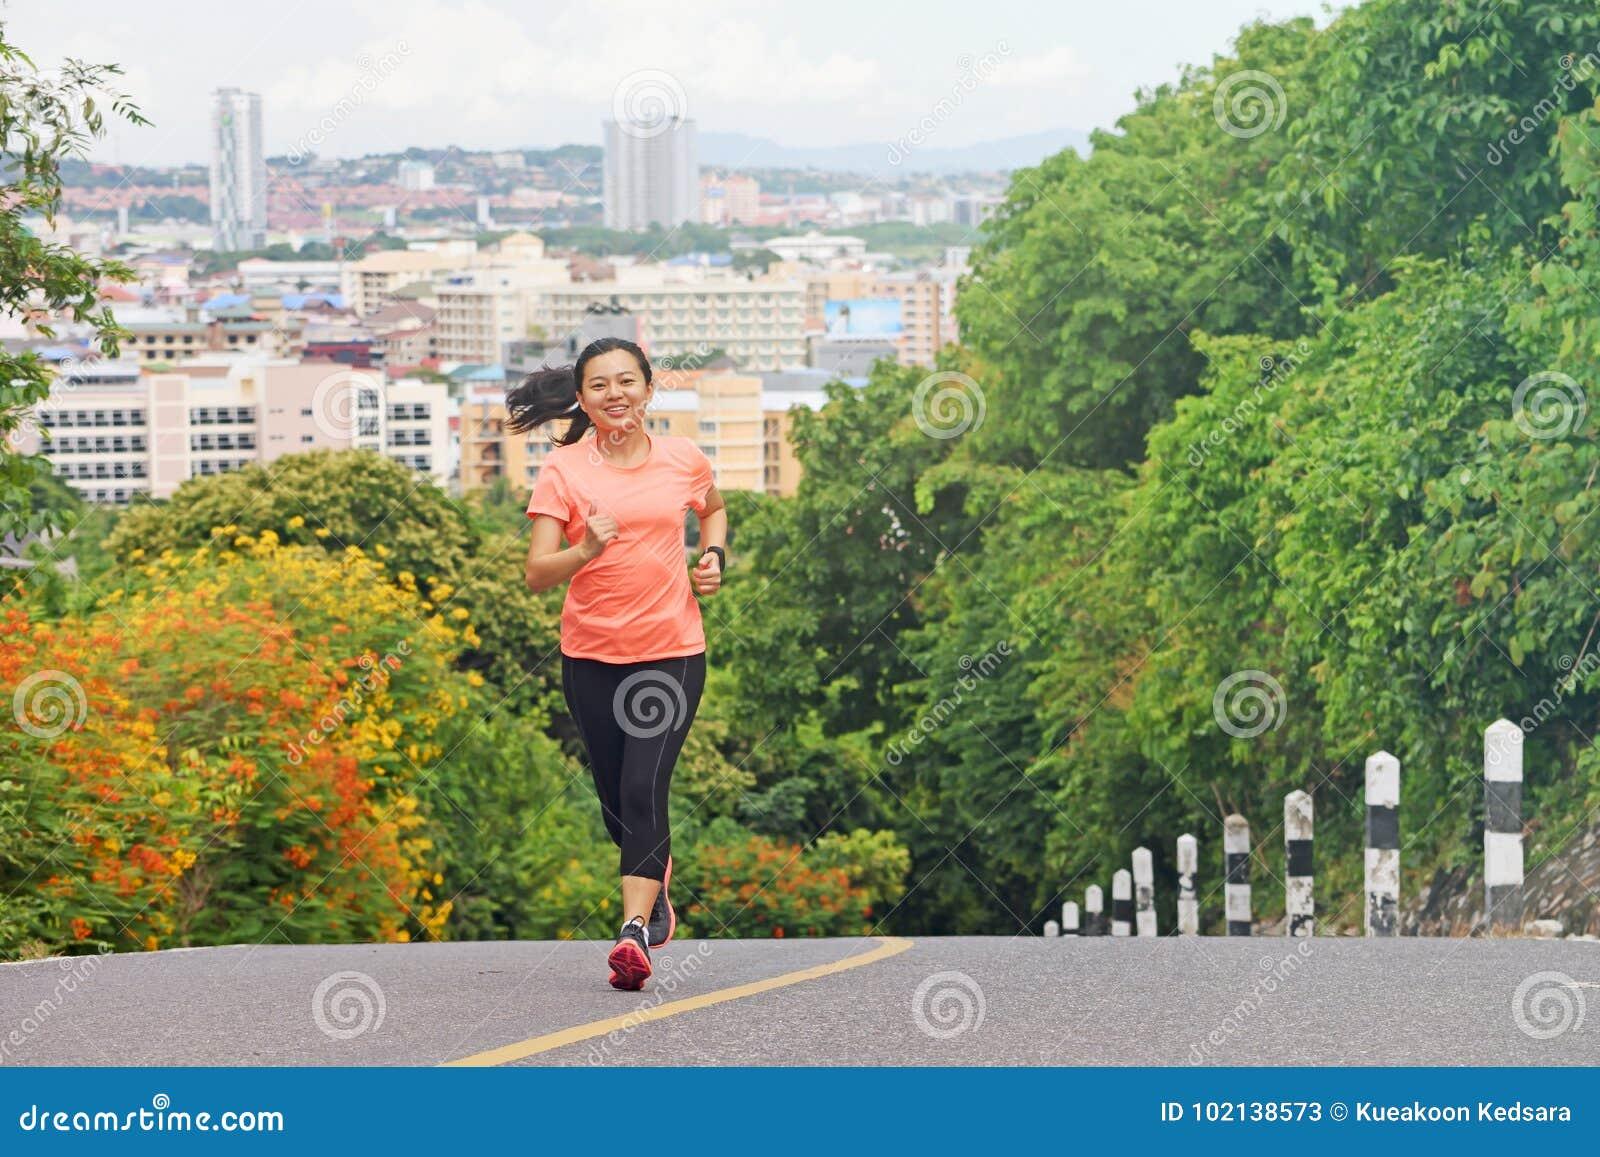 Mujer joven que corre al aire libre en parque